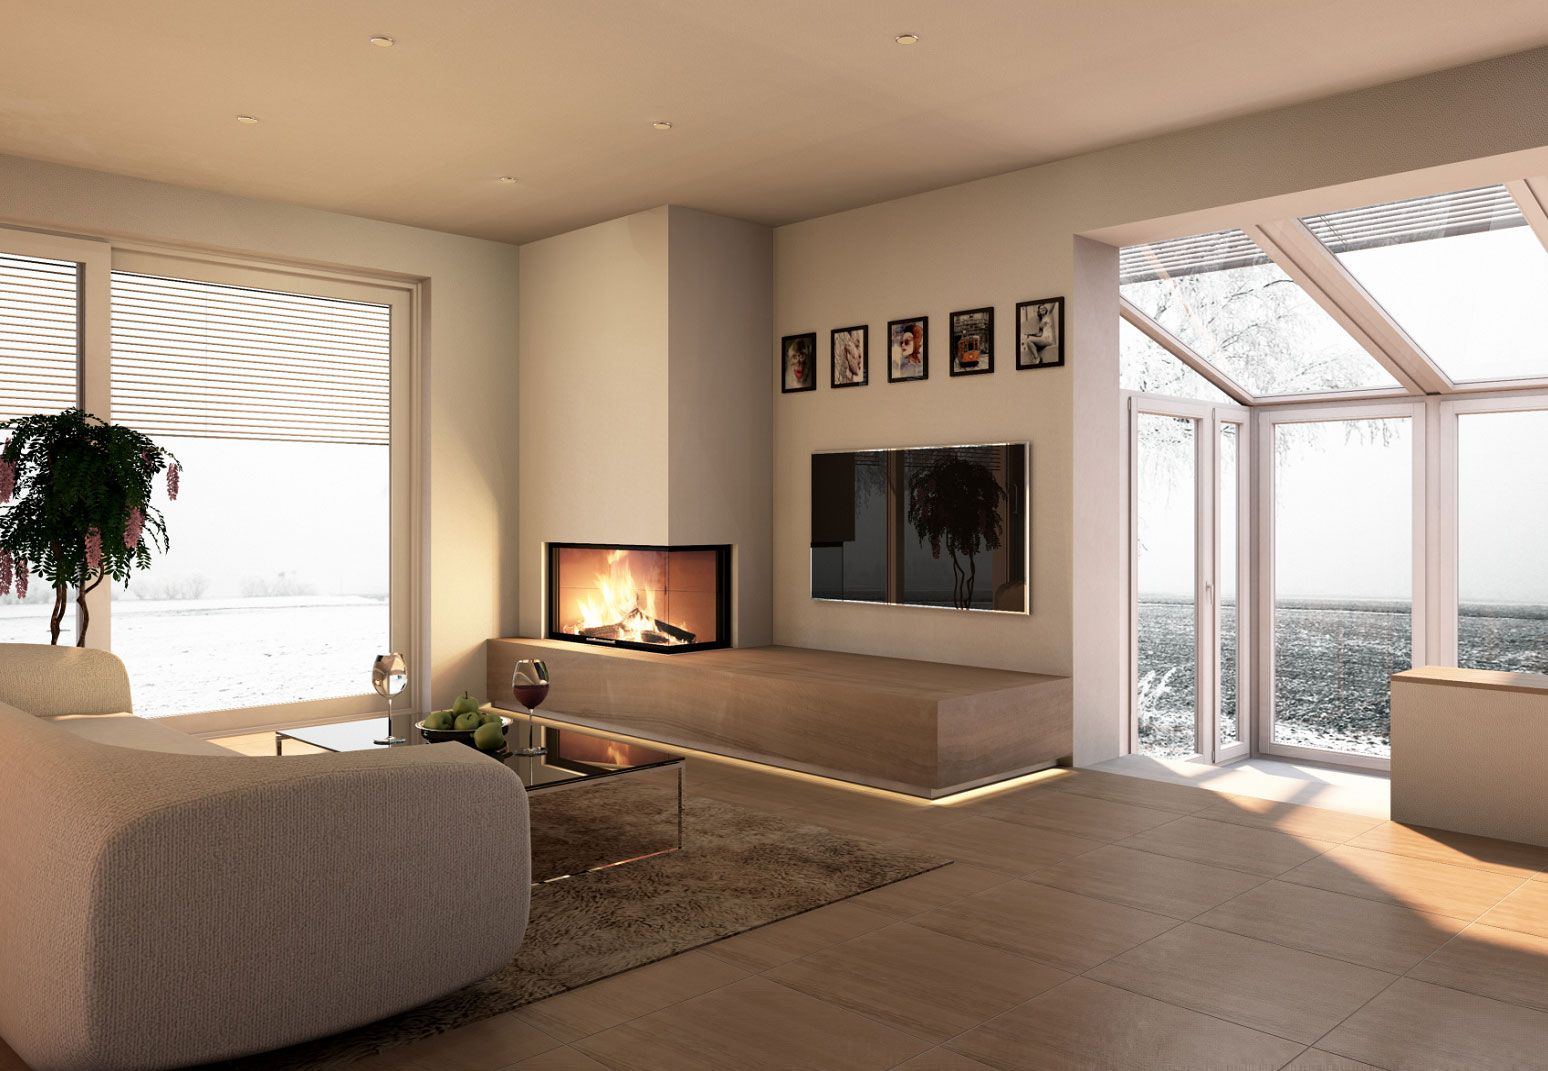 kachelofen wz kamin in 2019 pinterest kachelofen kamin wohnzimmer und ofen wohnzimmer. Black Bedroom Furniture Sets. Home Design Ideas